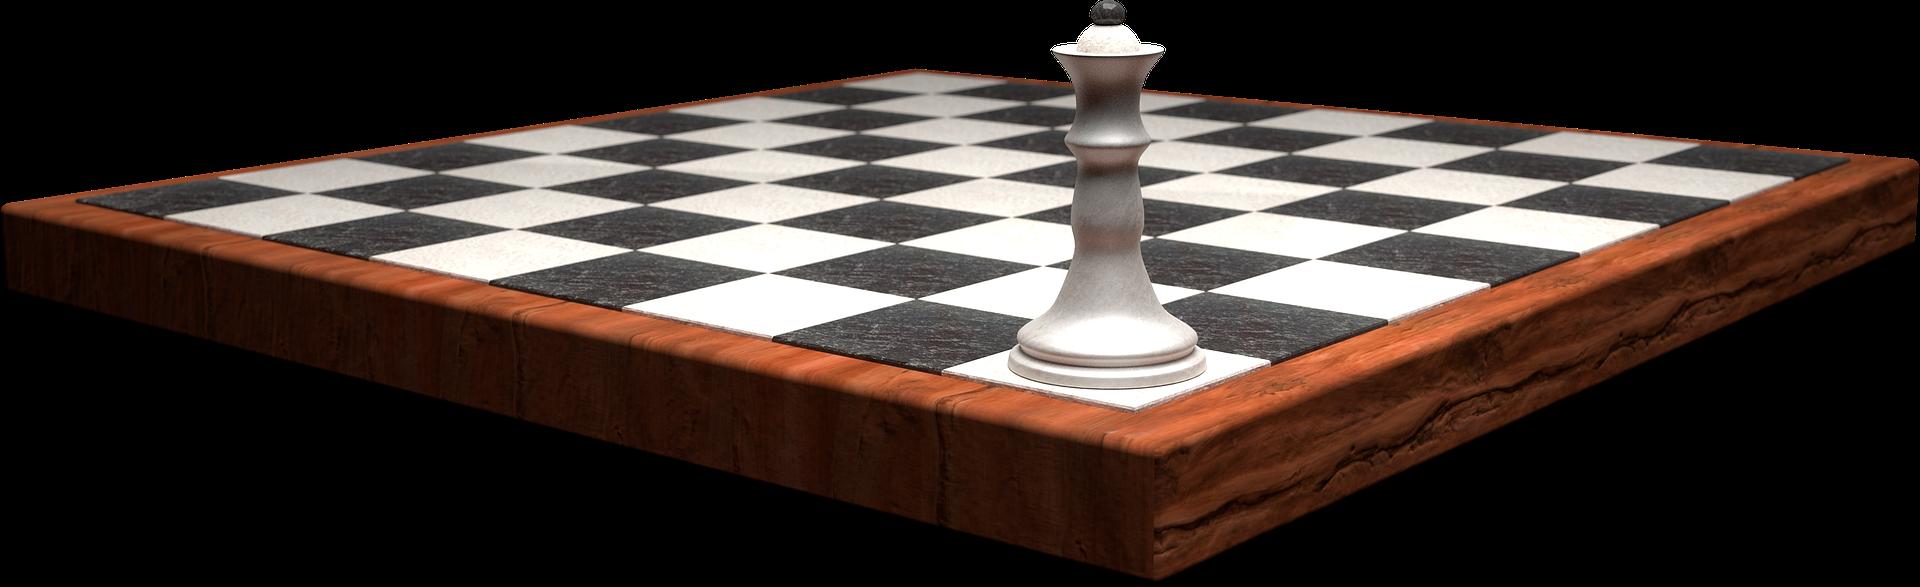 chess-680492_1920